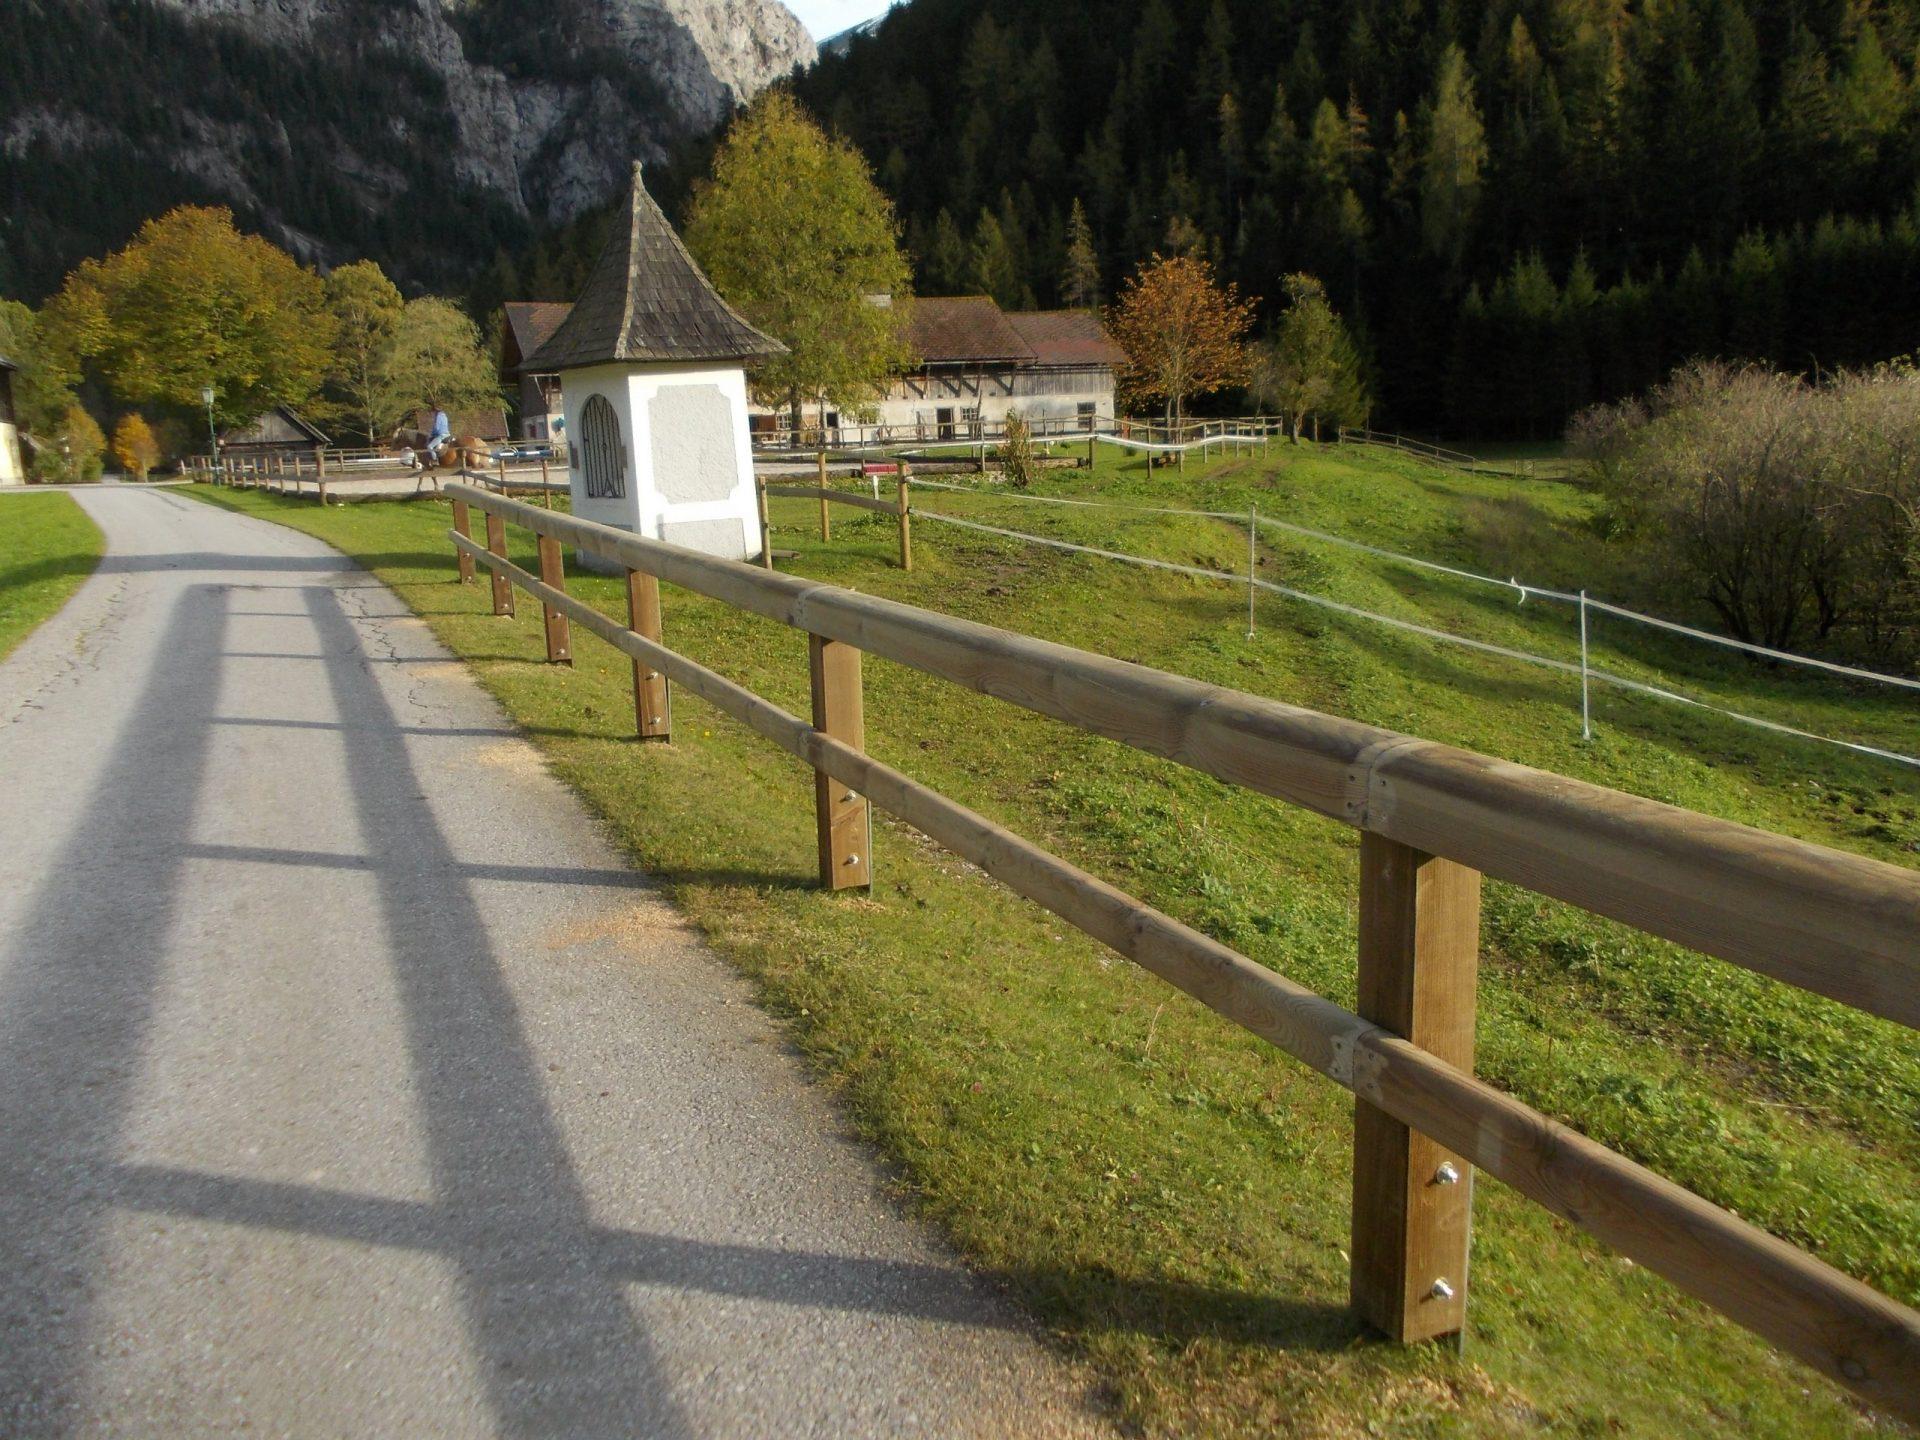 Geländer System Ratten - BST Weichselboden (2)